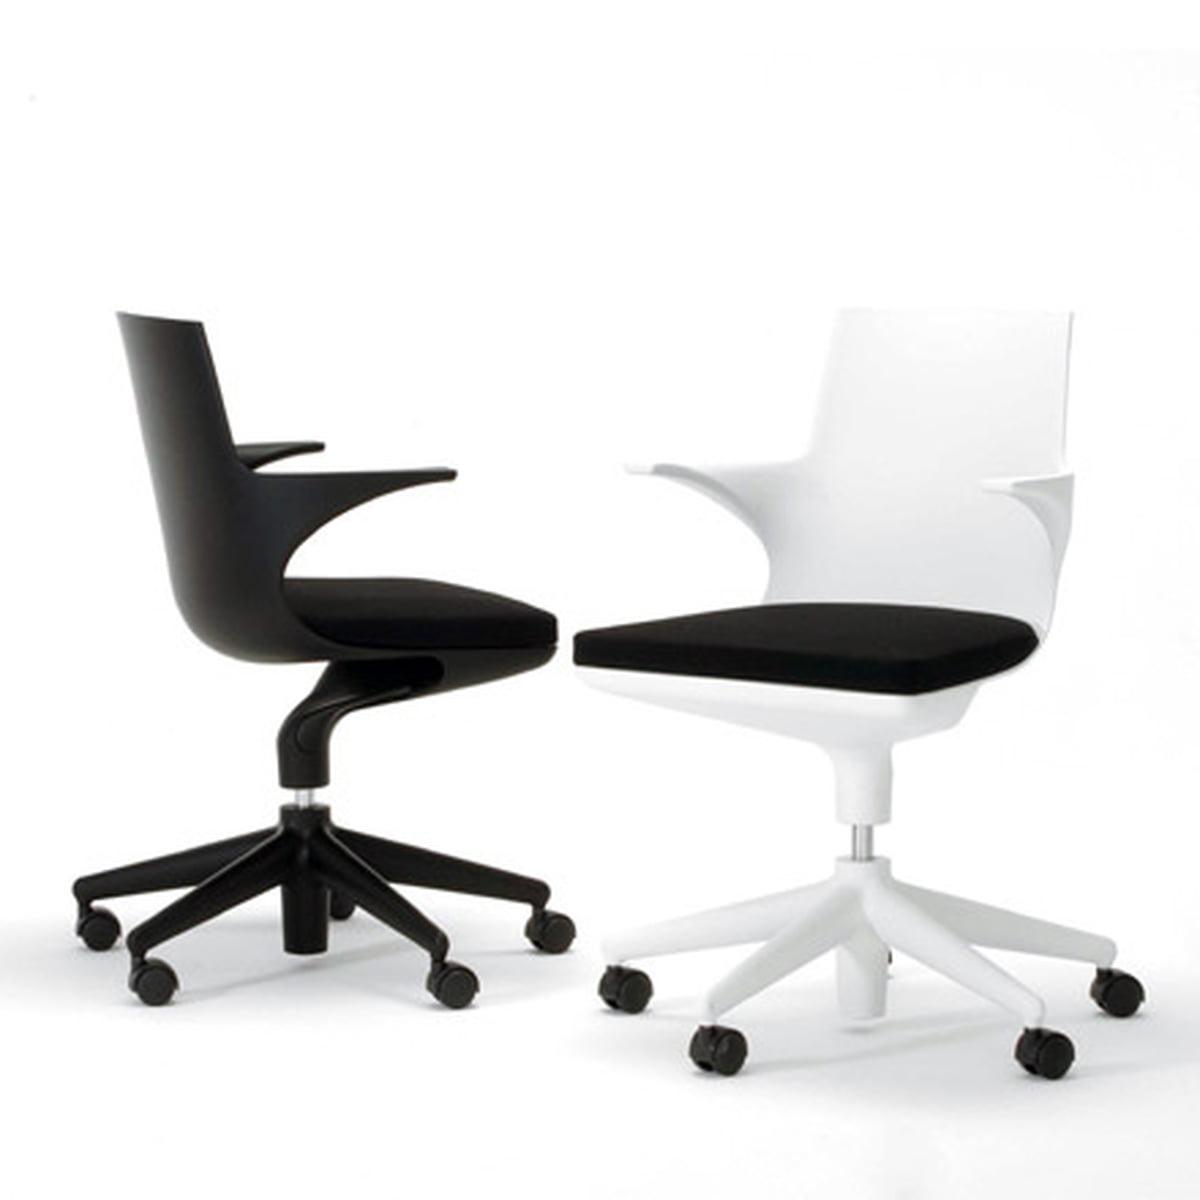 Superieur Spoon Chair